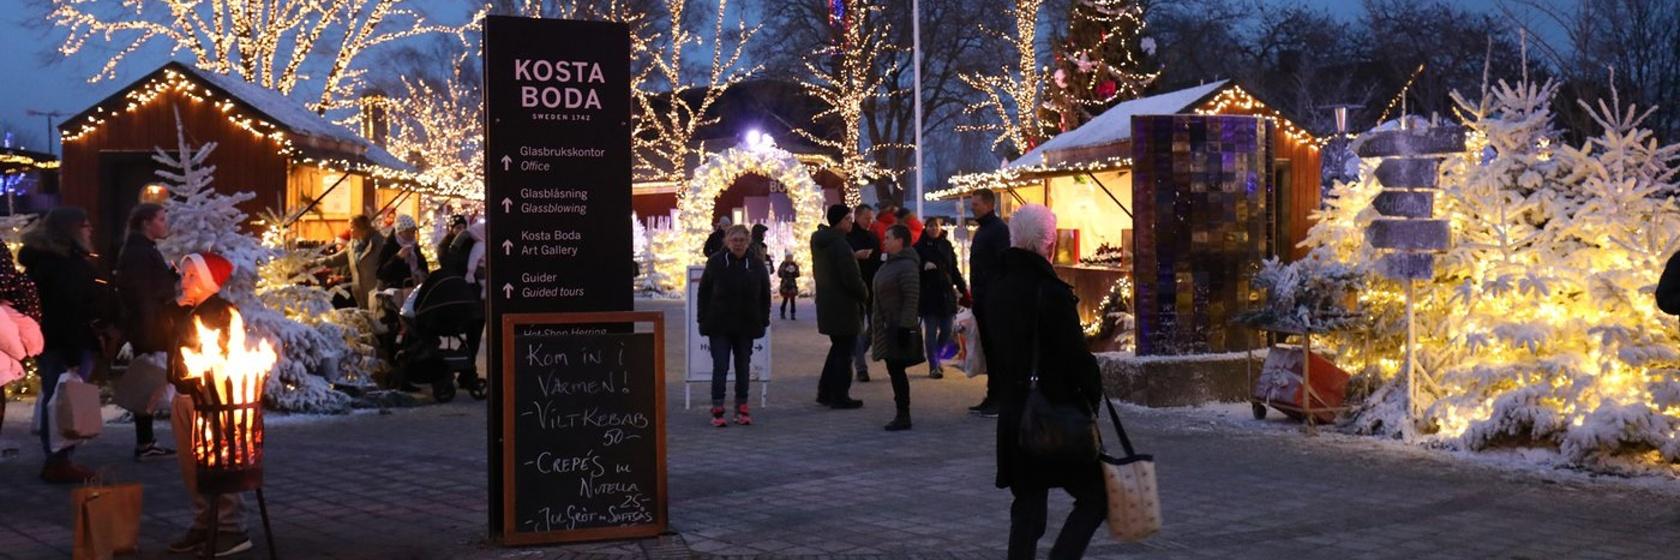 Julmarknad Kosta Boda